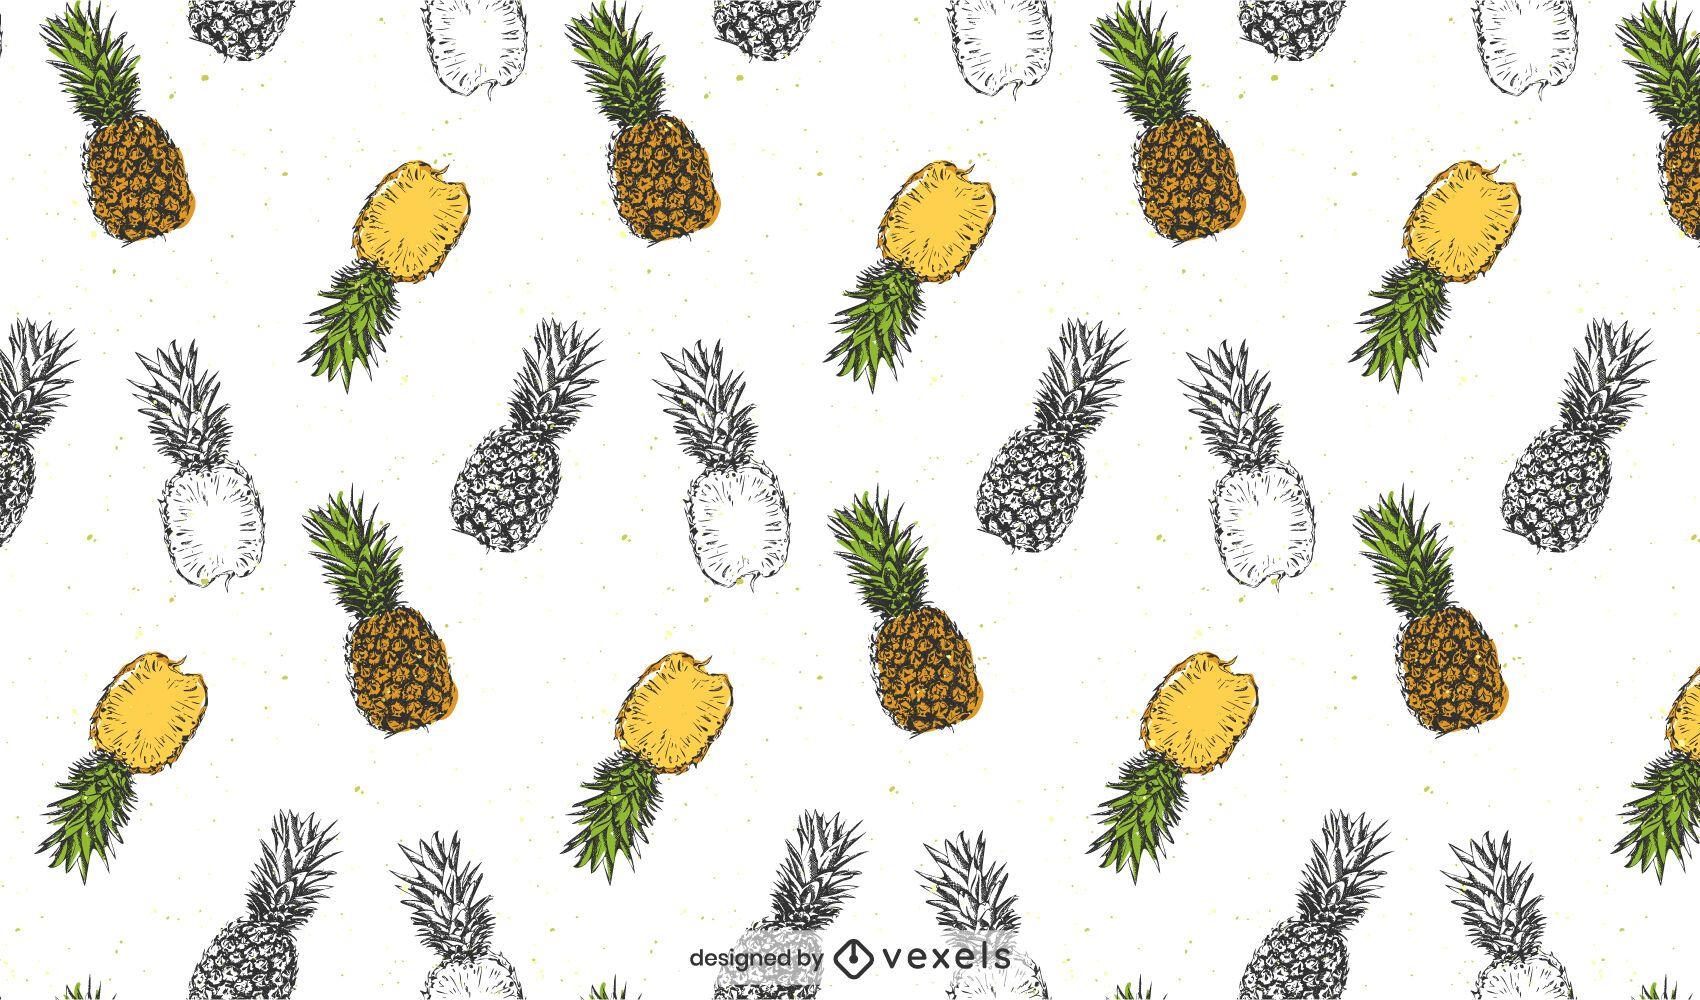 Desenho realista de padr?o de abacaxi